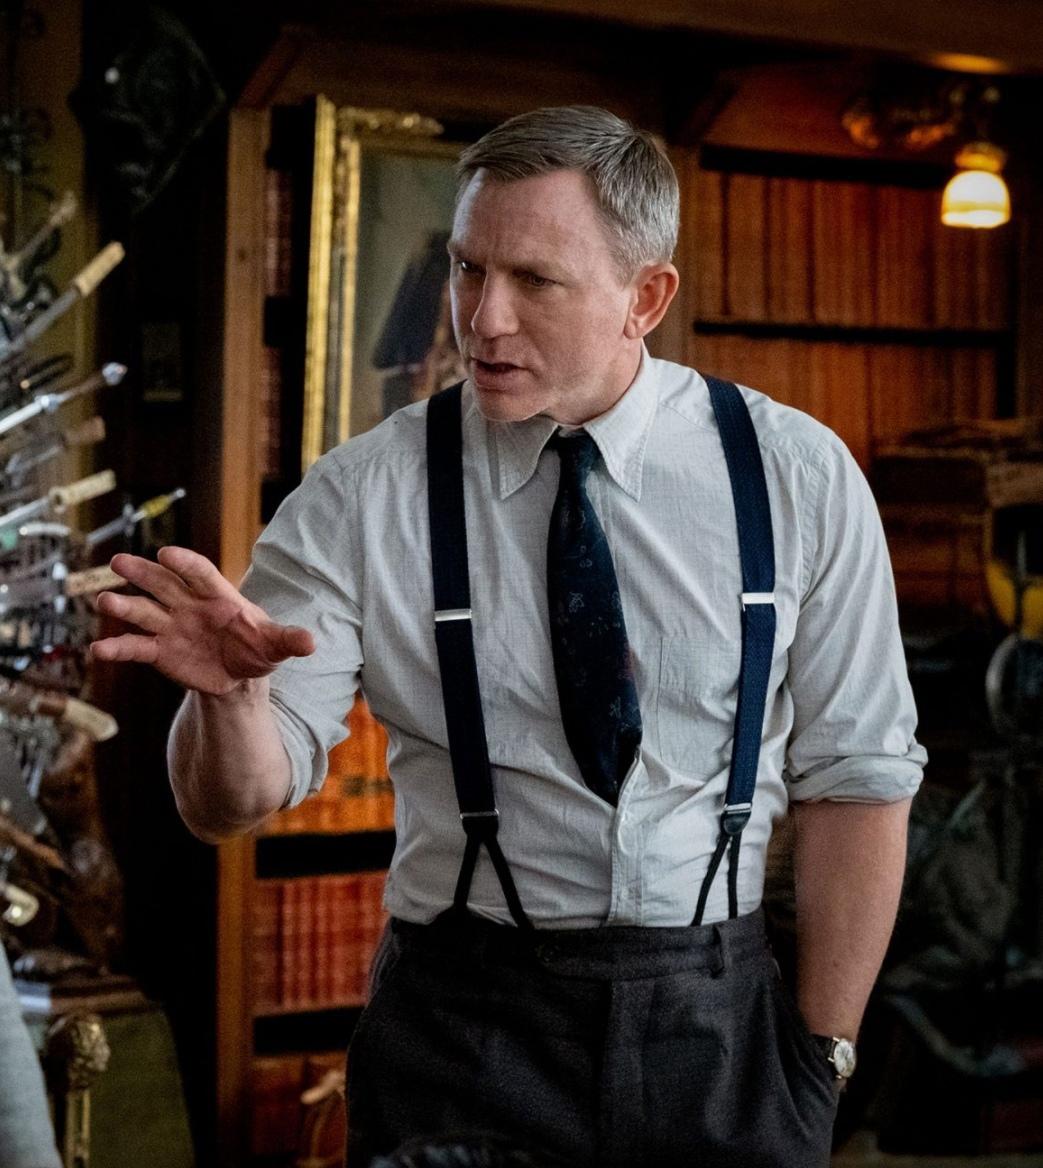 Издание Deadline сообщило, что Актер Эдвард Нортон присоединился к актерскому составу продолжения «Достать ножи»